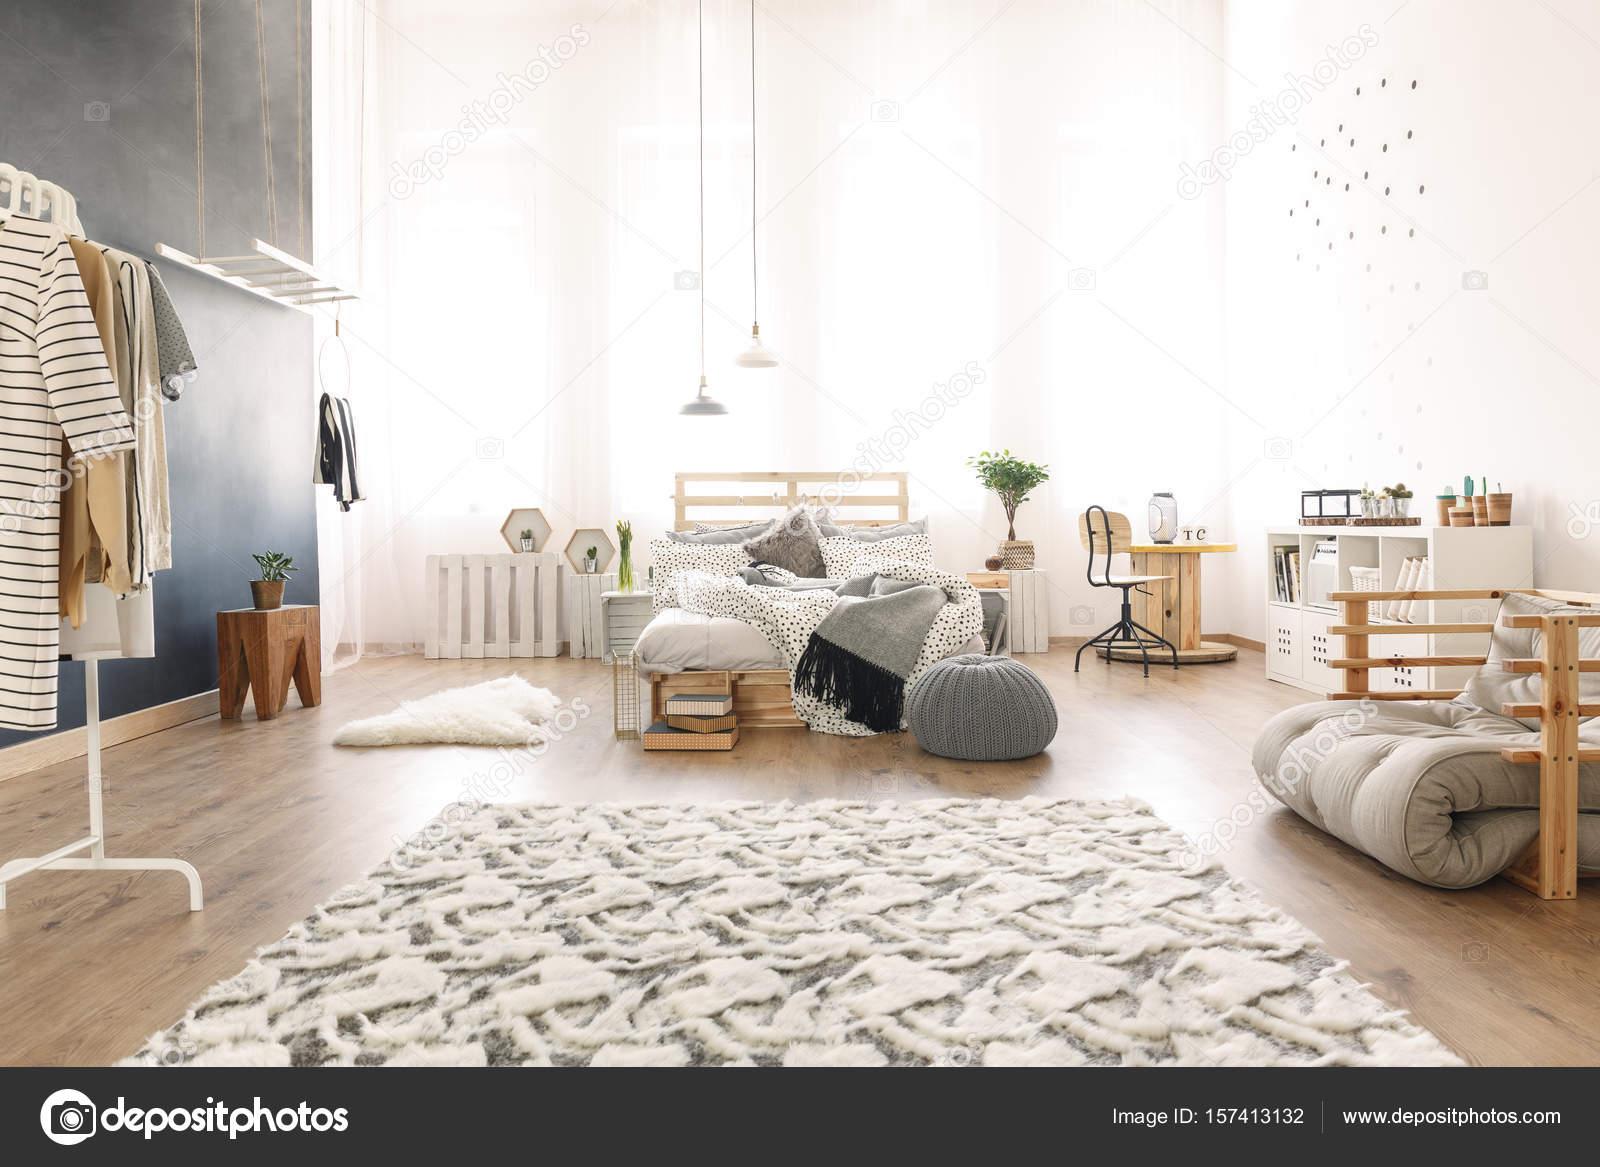 Letto Di Pallets : Camera da letto con letto di pallet u foto stock photographee eu